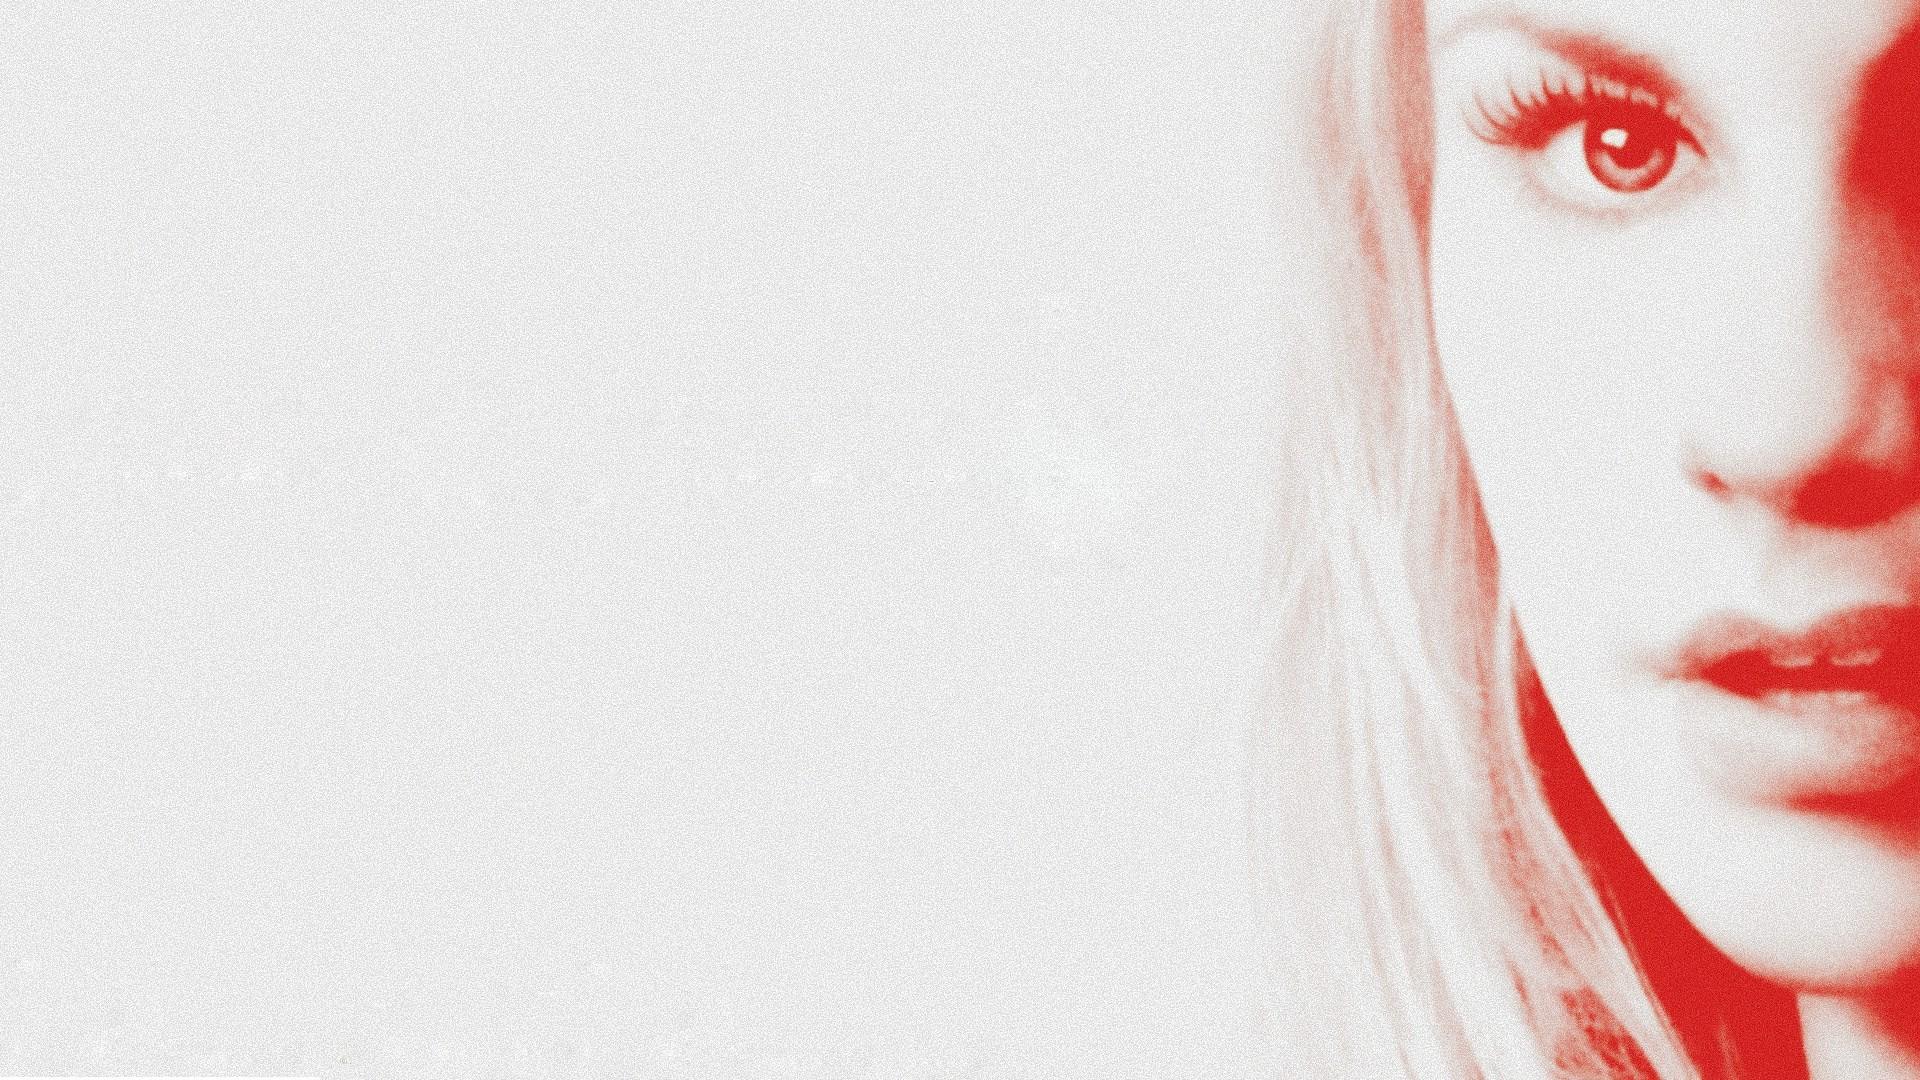 True Blood Wallpaper Hd: True Blood Backgrounds ·①